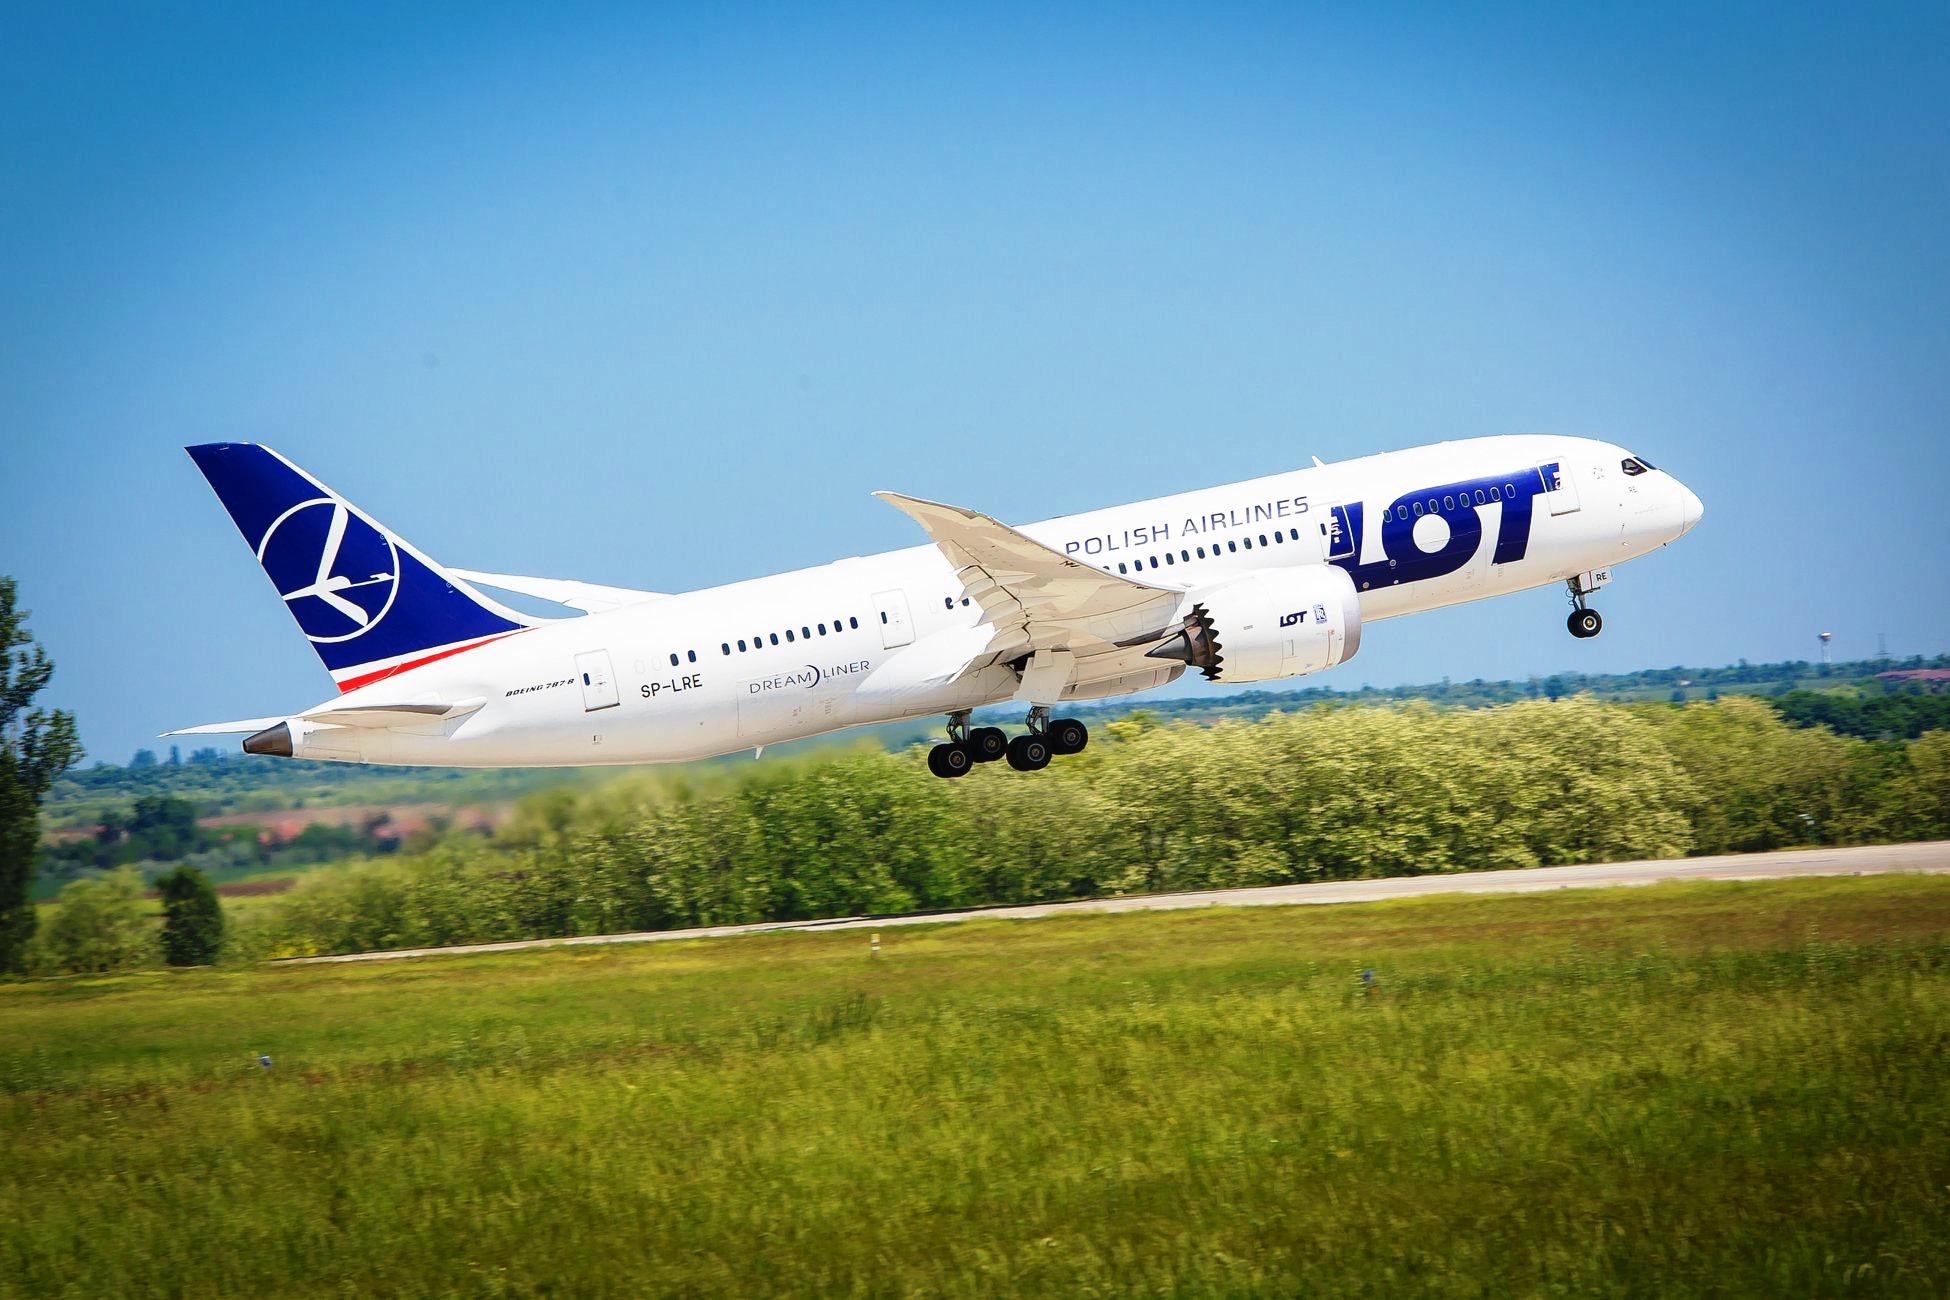 LOT Polish Airlines åbner 2. juni ny rute til USA – denne gang til hovedstaden Washington DC. Der flyves tre gange om ugen med en Boeing B787 Dreamliner. Pressefoto: LOT.